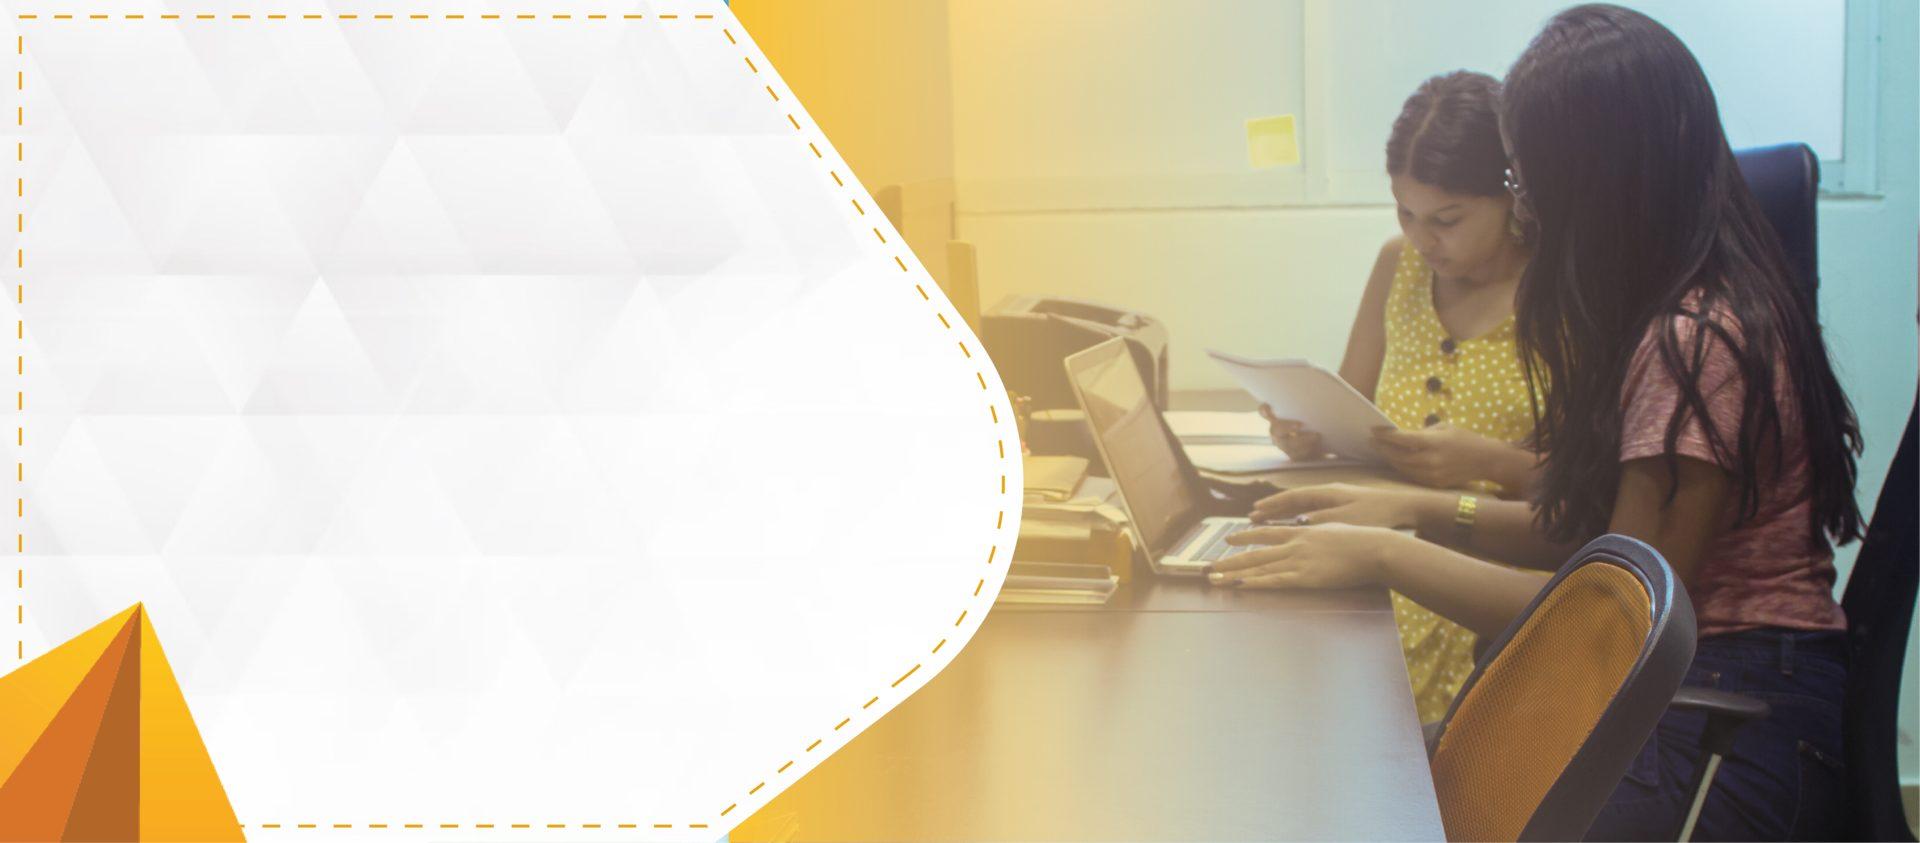 Colaboración de equipos en coworking virtualis